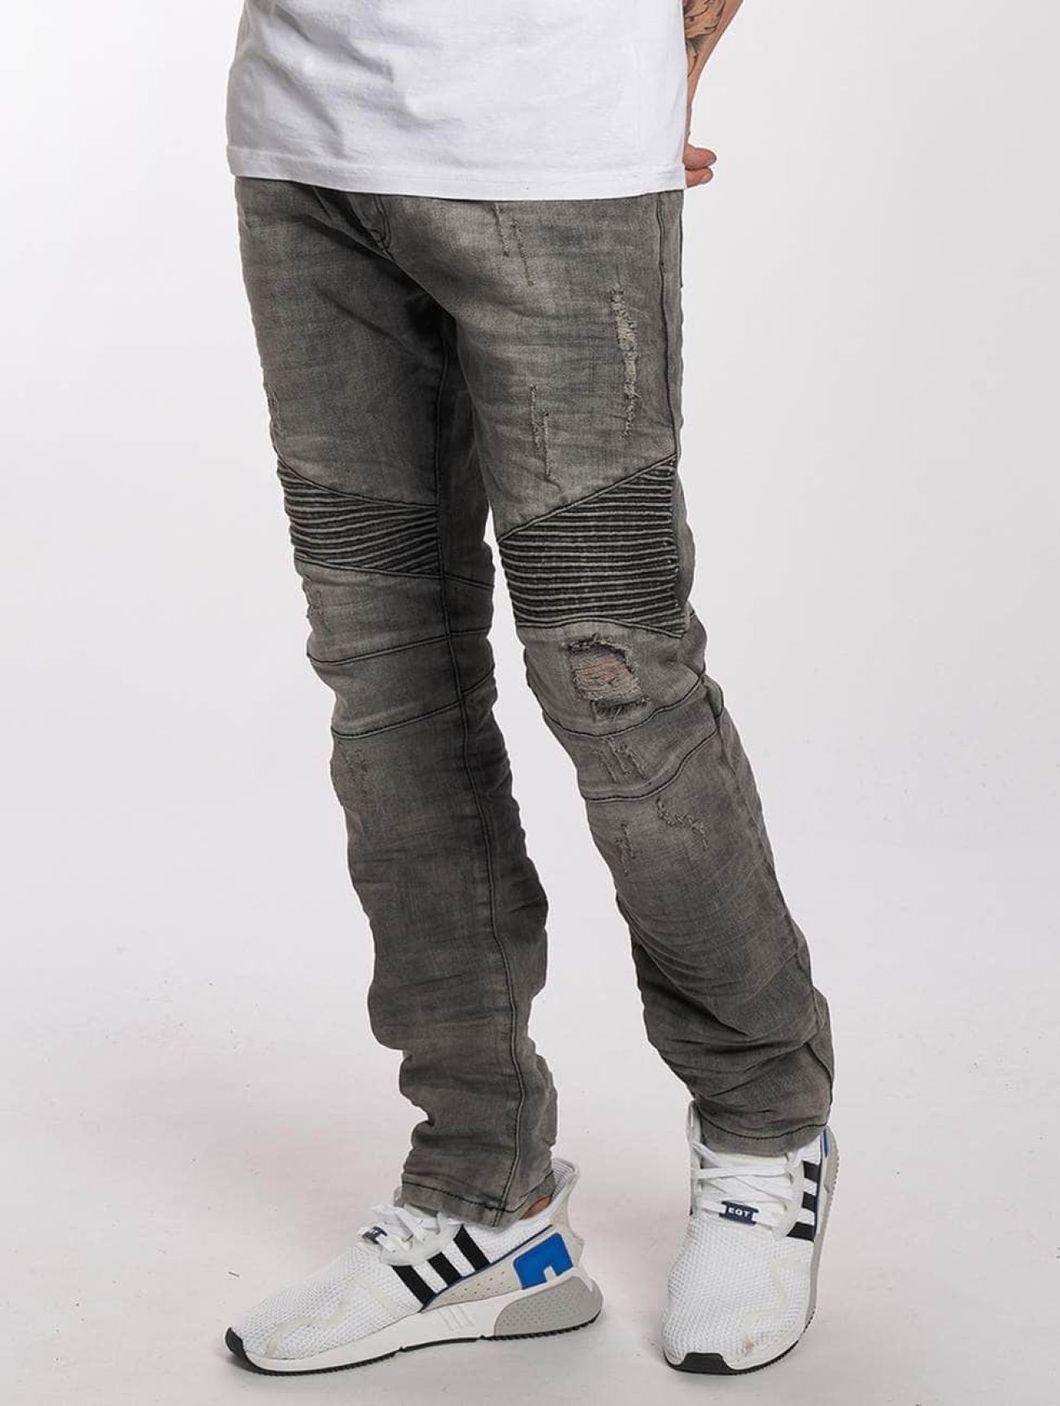 Джинсы Just Rhyse Blue. Артикул JRJSYGZ11MEDBLU. Интернет магазин брендовой одежды и обуви БАЙ-Ф.